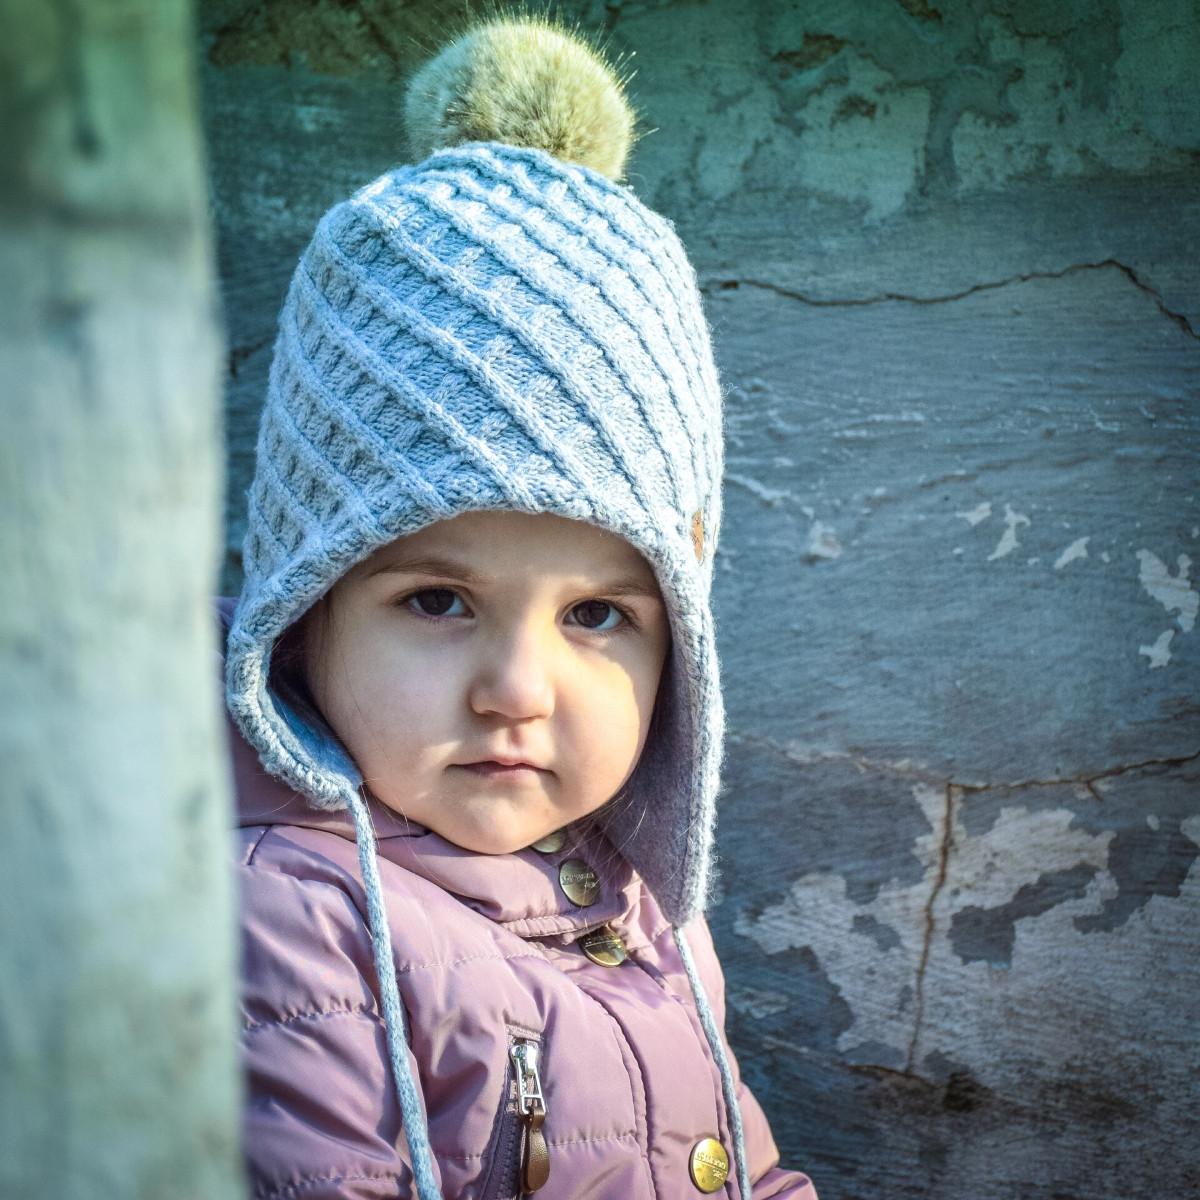 Вязаные шапки на детях фото